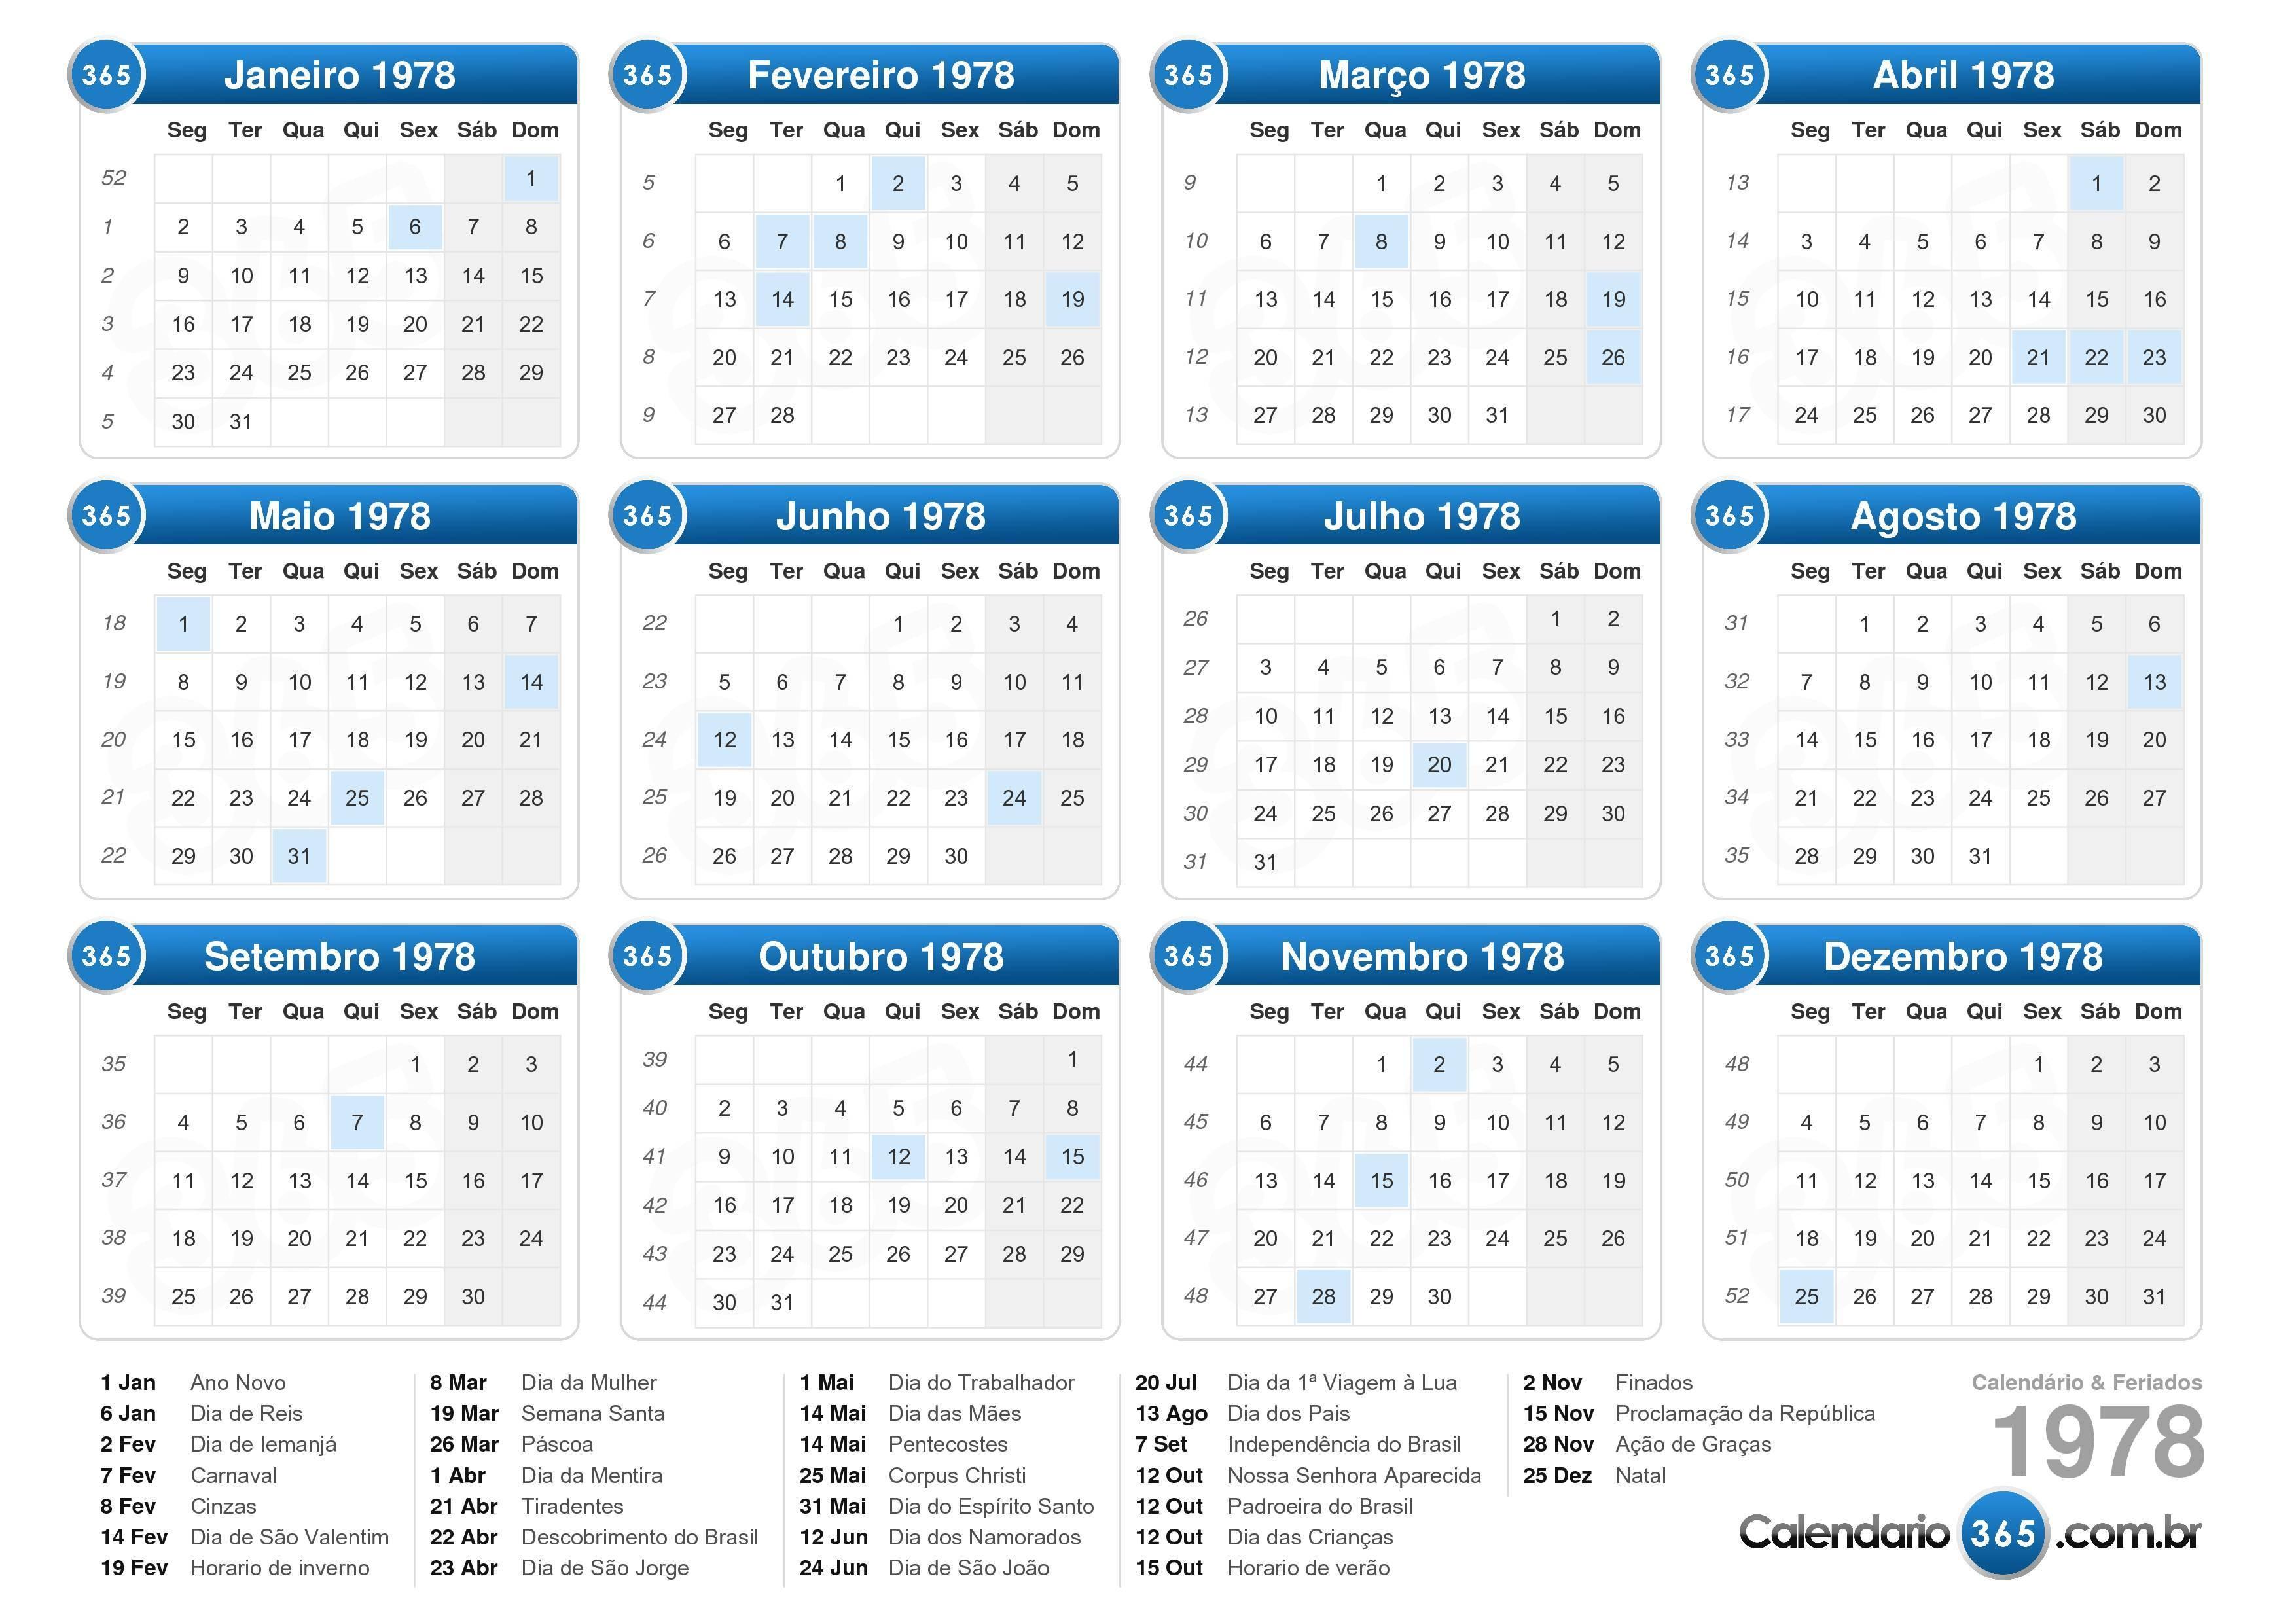 Calendário 2019 Com Feriados Goiania Más Recientemente Liberado Calendario Novembro 2018 Imprimir T Of Calendário 2019 Com Feriados Goiania Actual Calendario Novembro 2018 Imprimir T